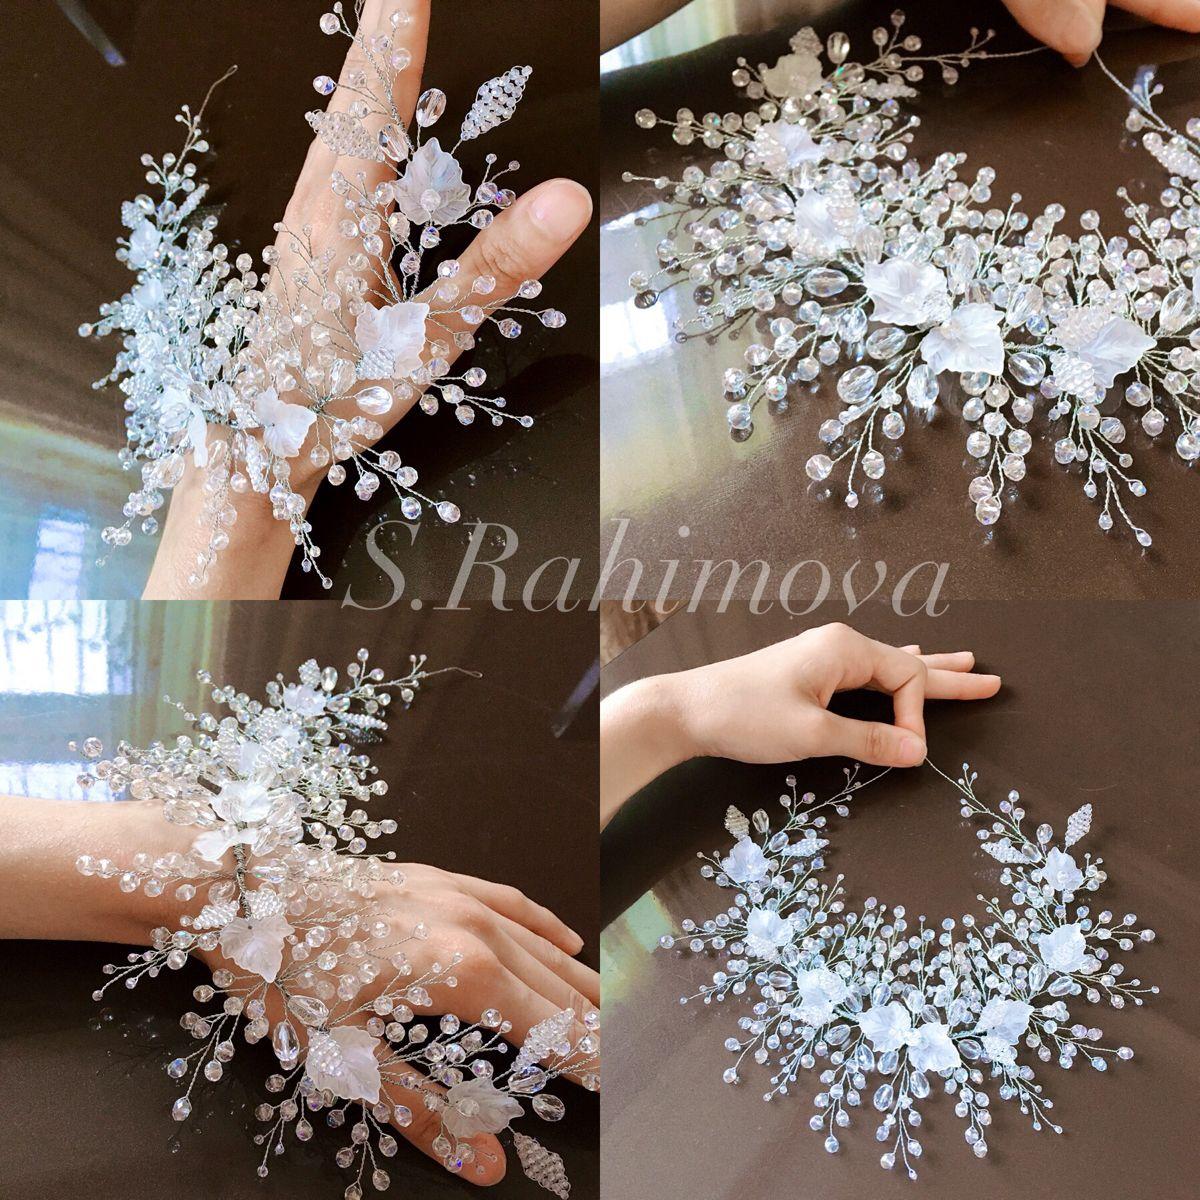 Sac Bezekleri Wedding Hairstyles Jewelry Crown Jewelry